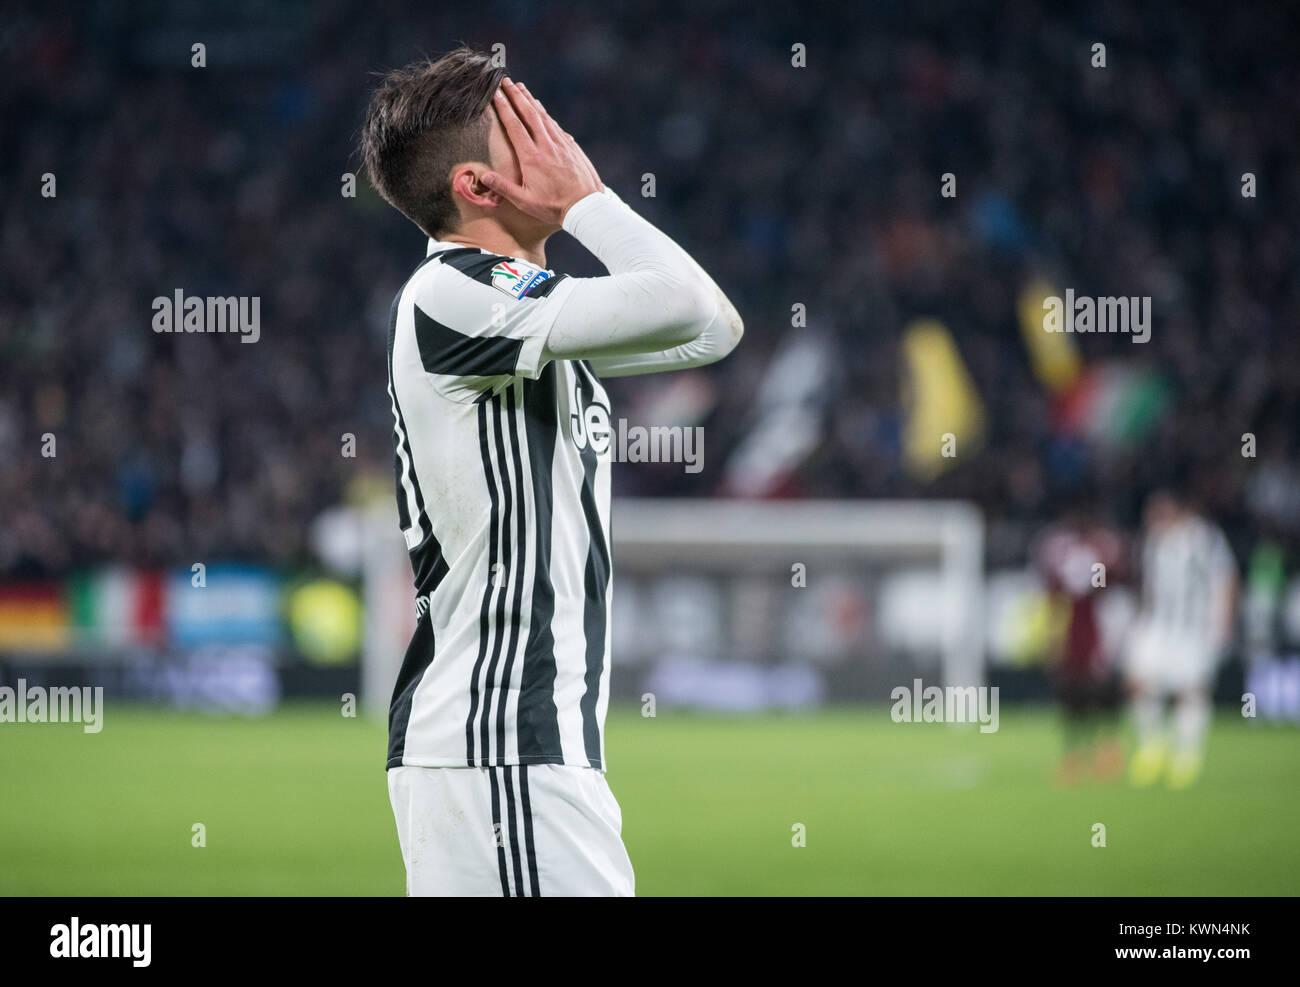 62fea9ef0e Paulo Dybala (Juventus FC) during the Tim Cup football match Juventus FC vs  Torino FC. Juventus won 3-0 in Turin